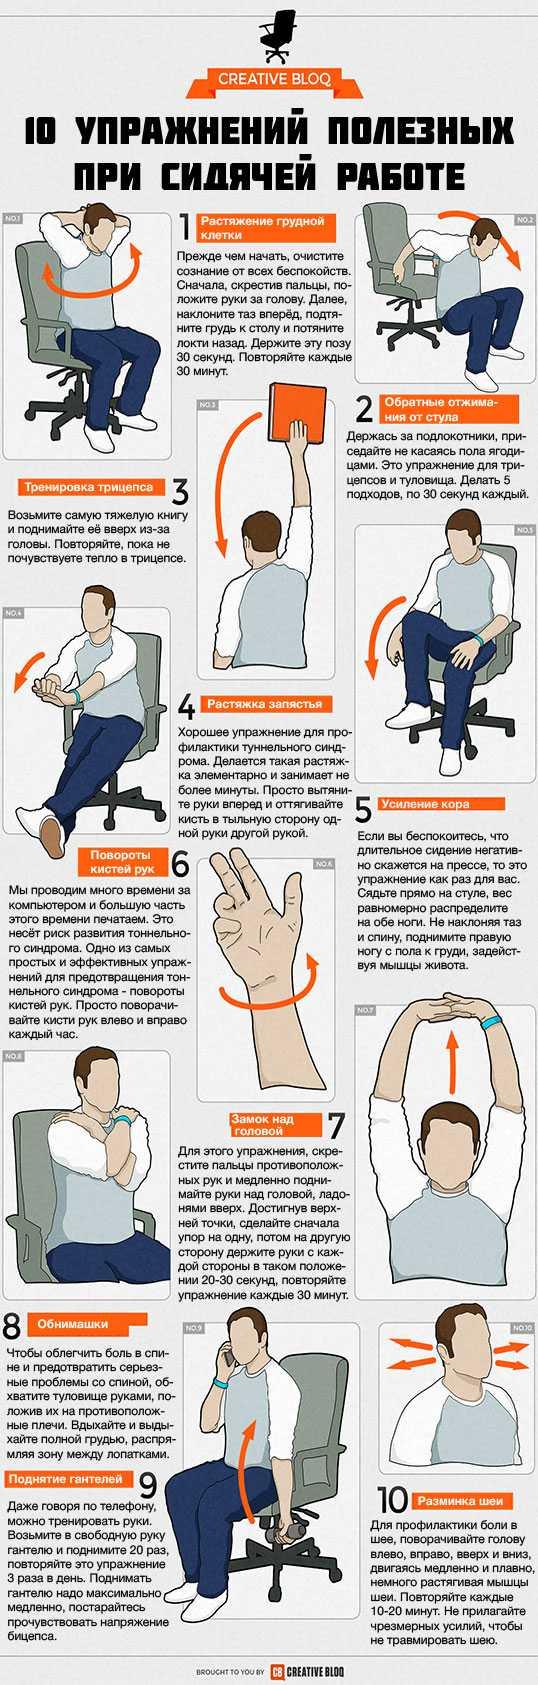 Производственная гимнастика на работе: комплекс простых упражнений для сохранения здоровья